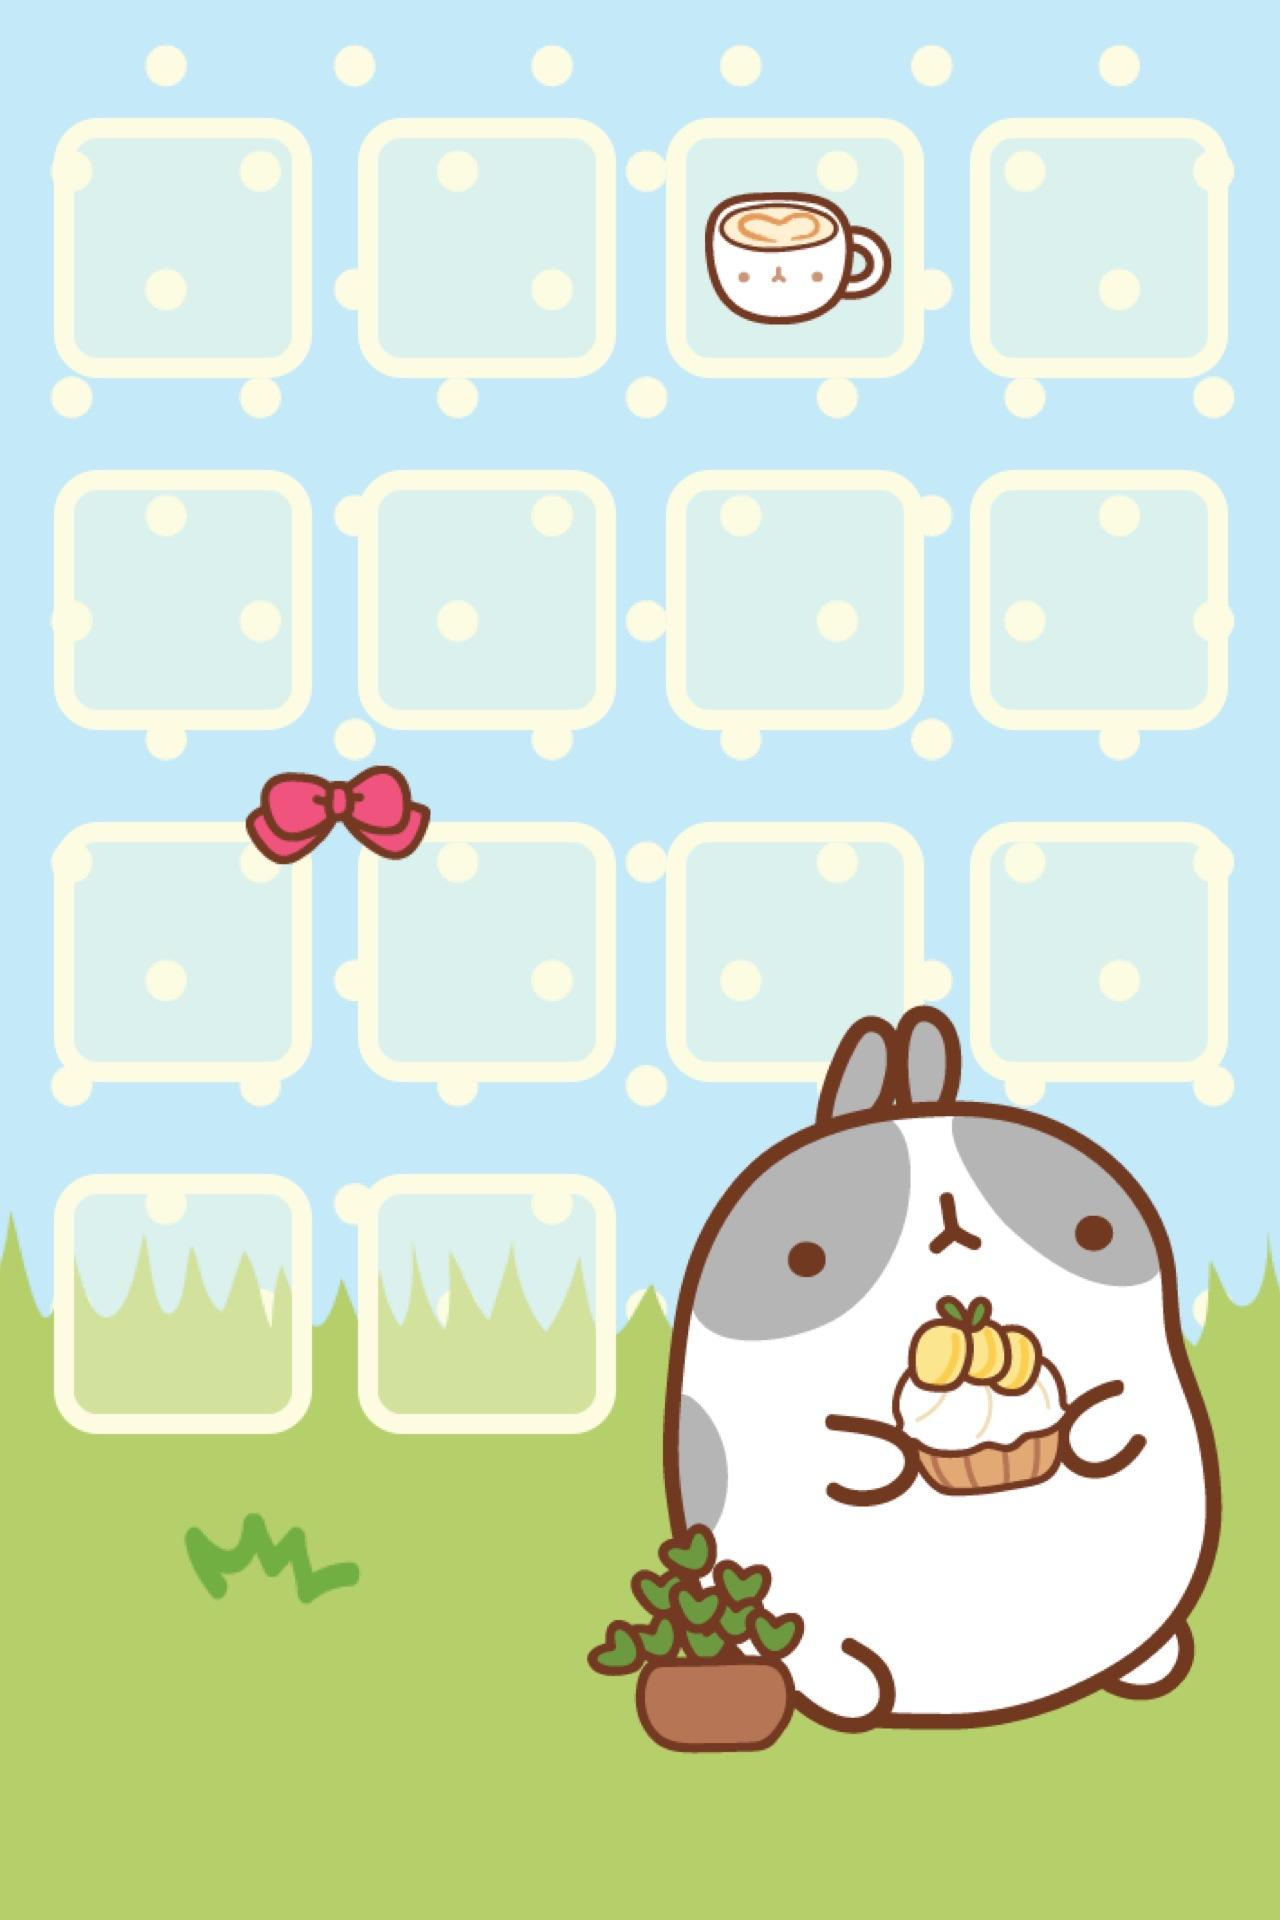 Hd wallpaper kawaii - Molang Iphone Theme Wallpaper Kao Ani Com